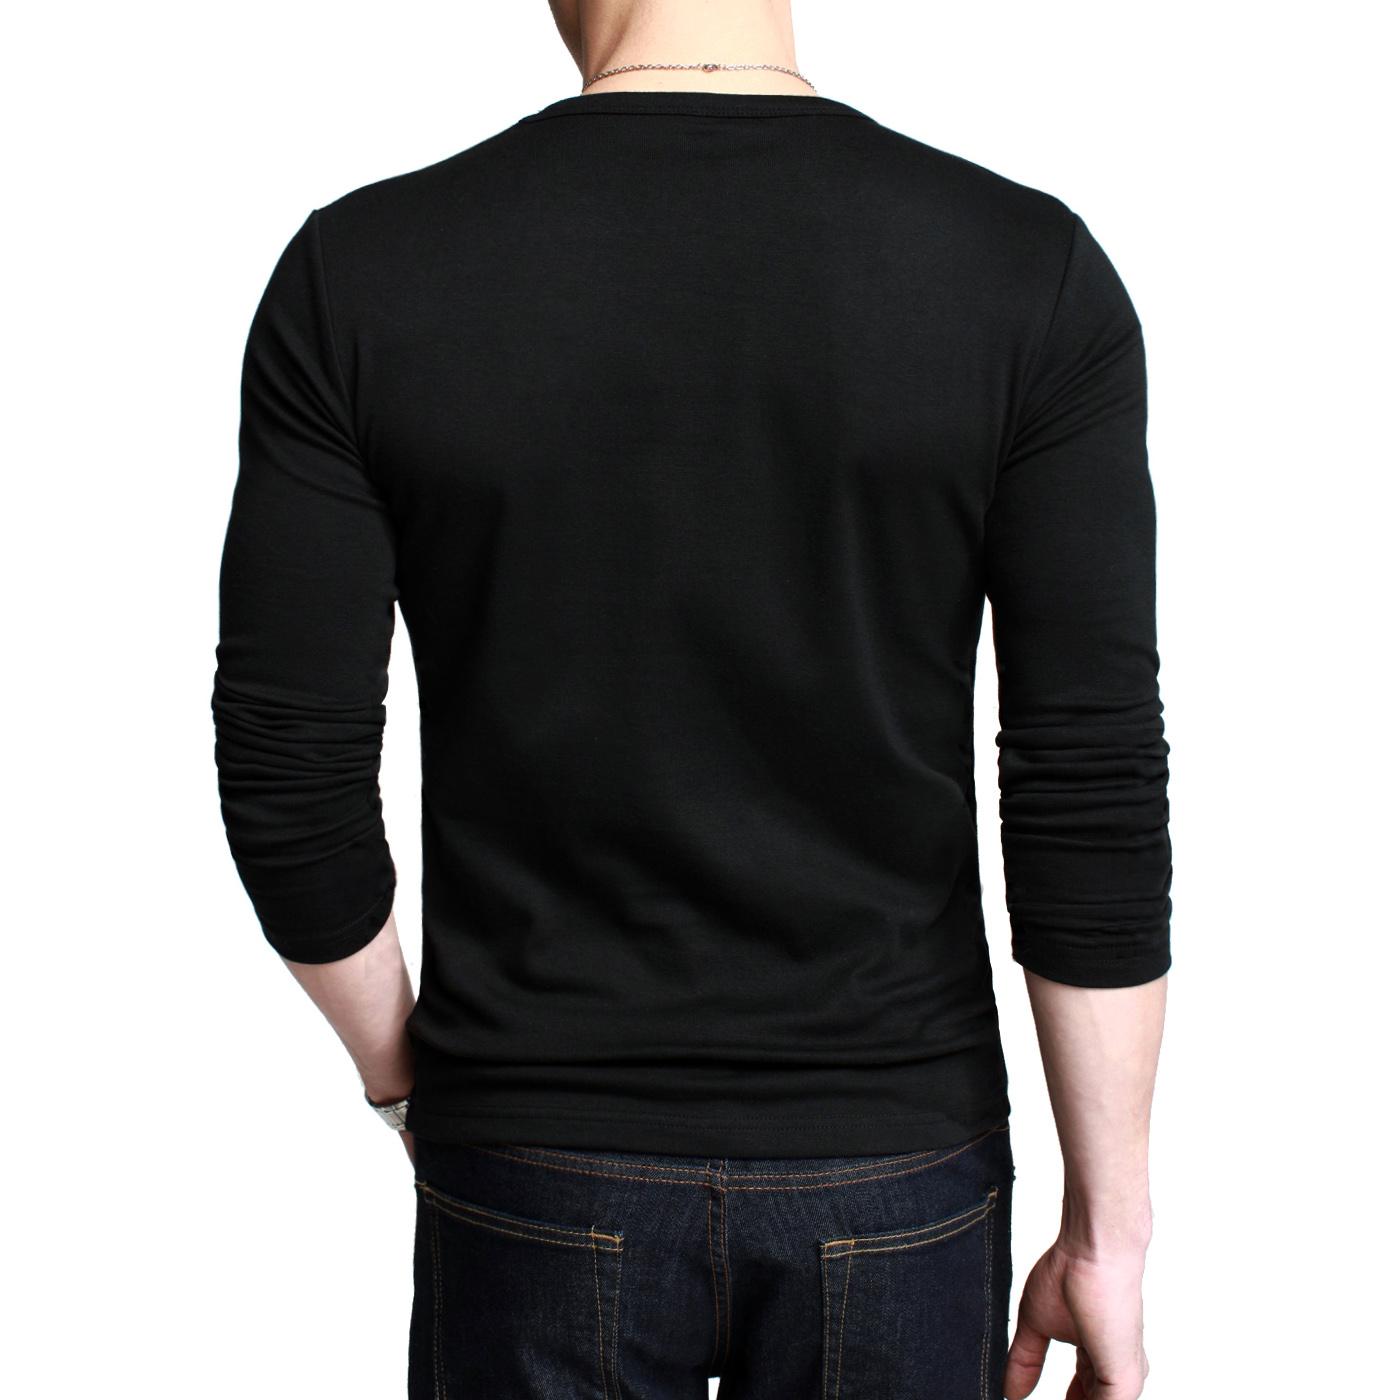 [Электронная почта] Kuegou мужской шею длинный рукав футболка Мужская Весна Черный тонкий базовый рубашка Мужская одежда от Kupinatao